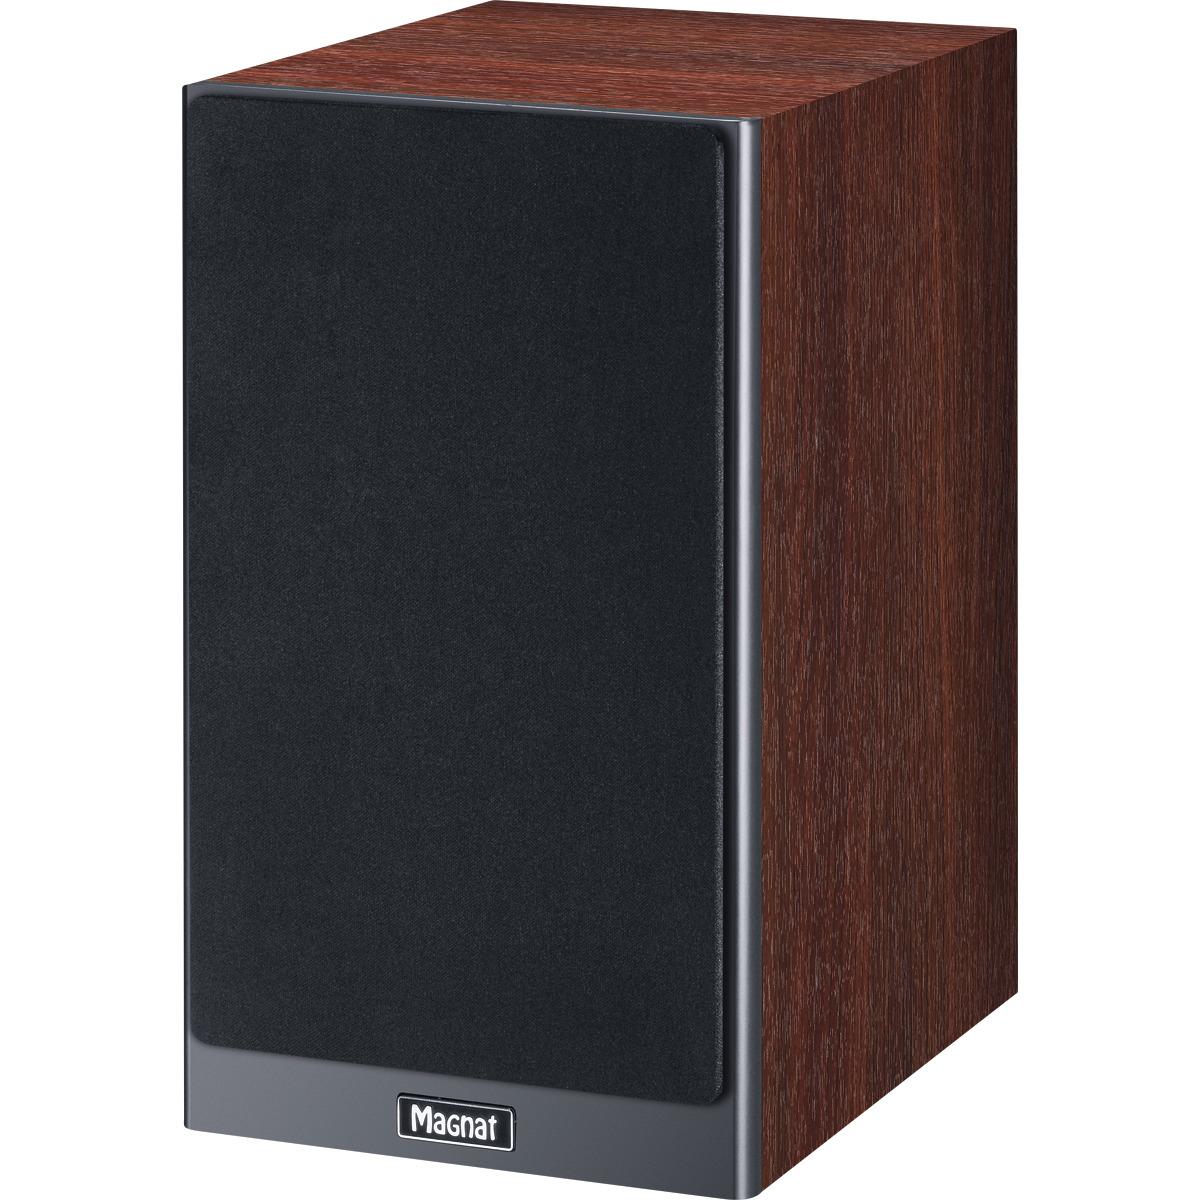 HiFiHQ Book Shelf speakers Magnat Signature 503 -